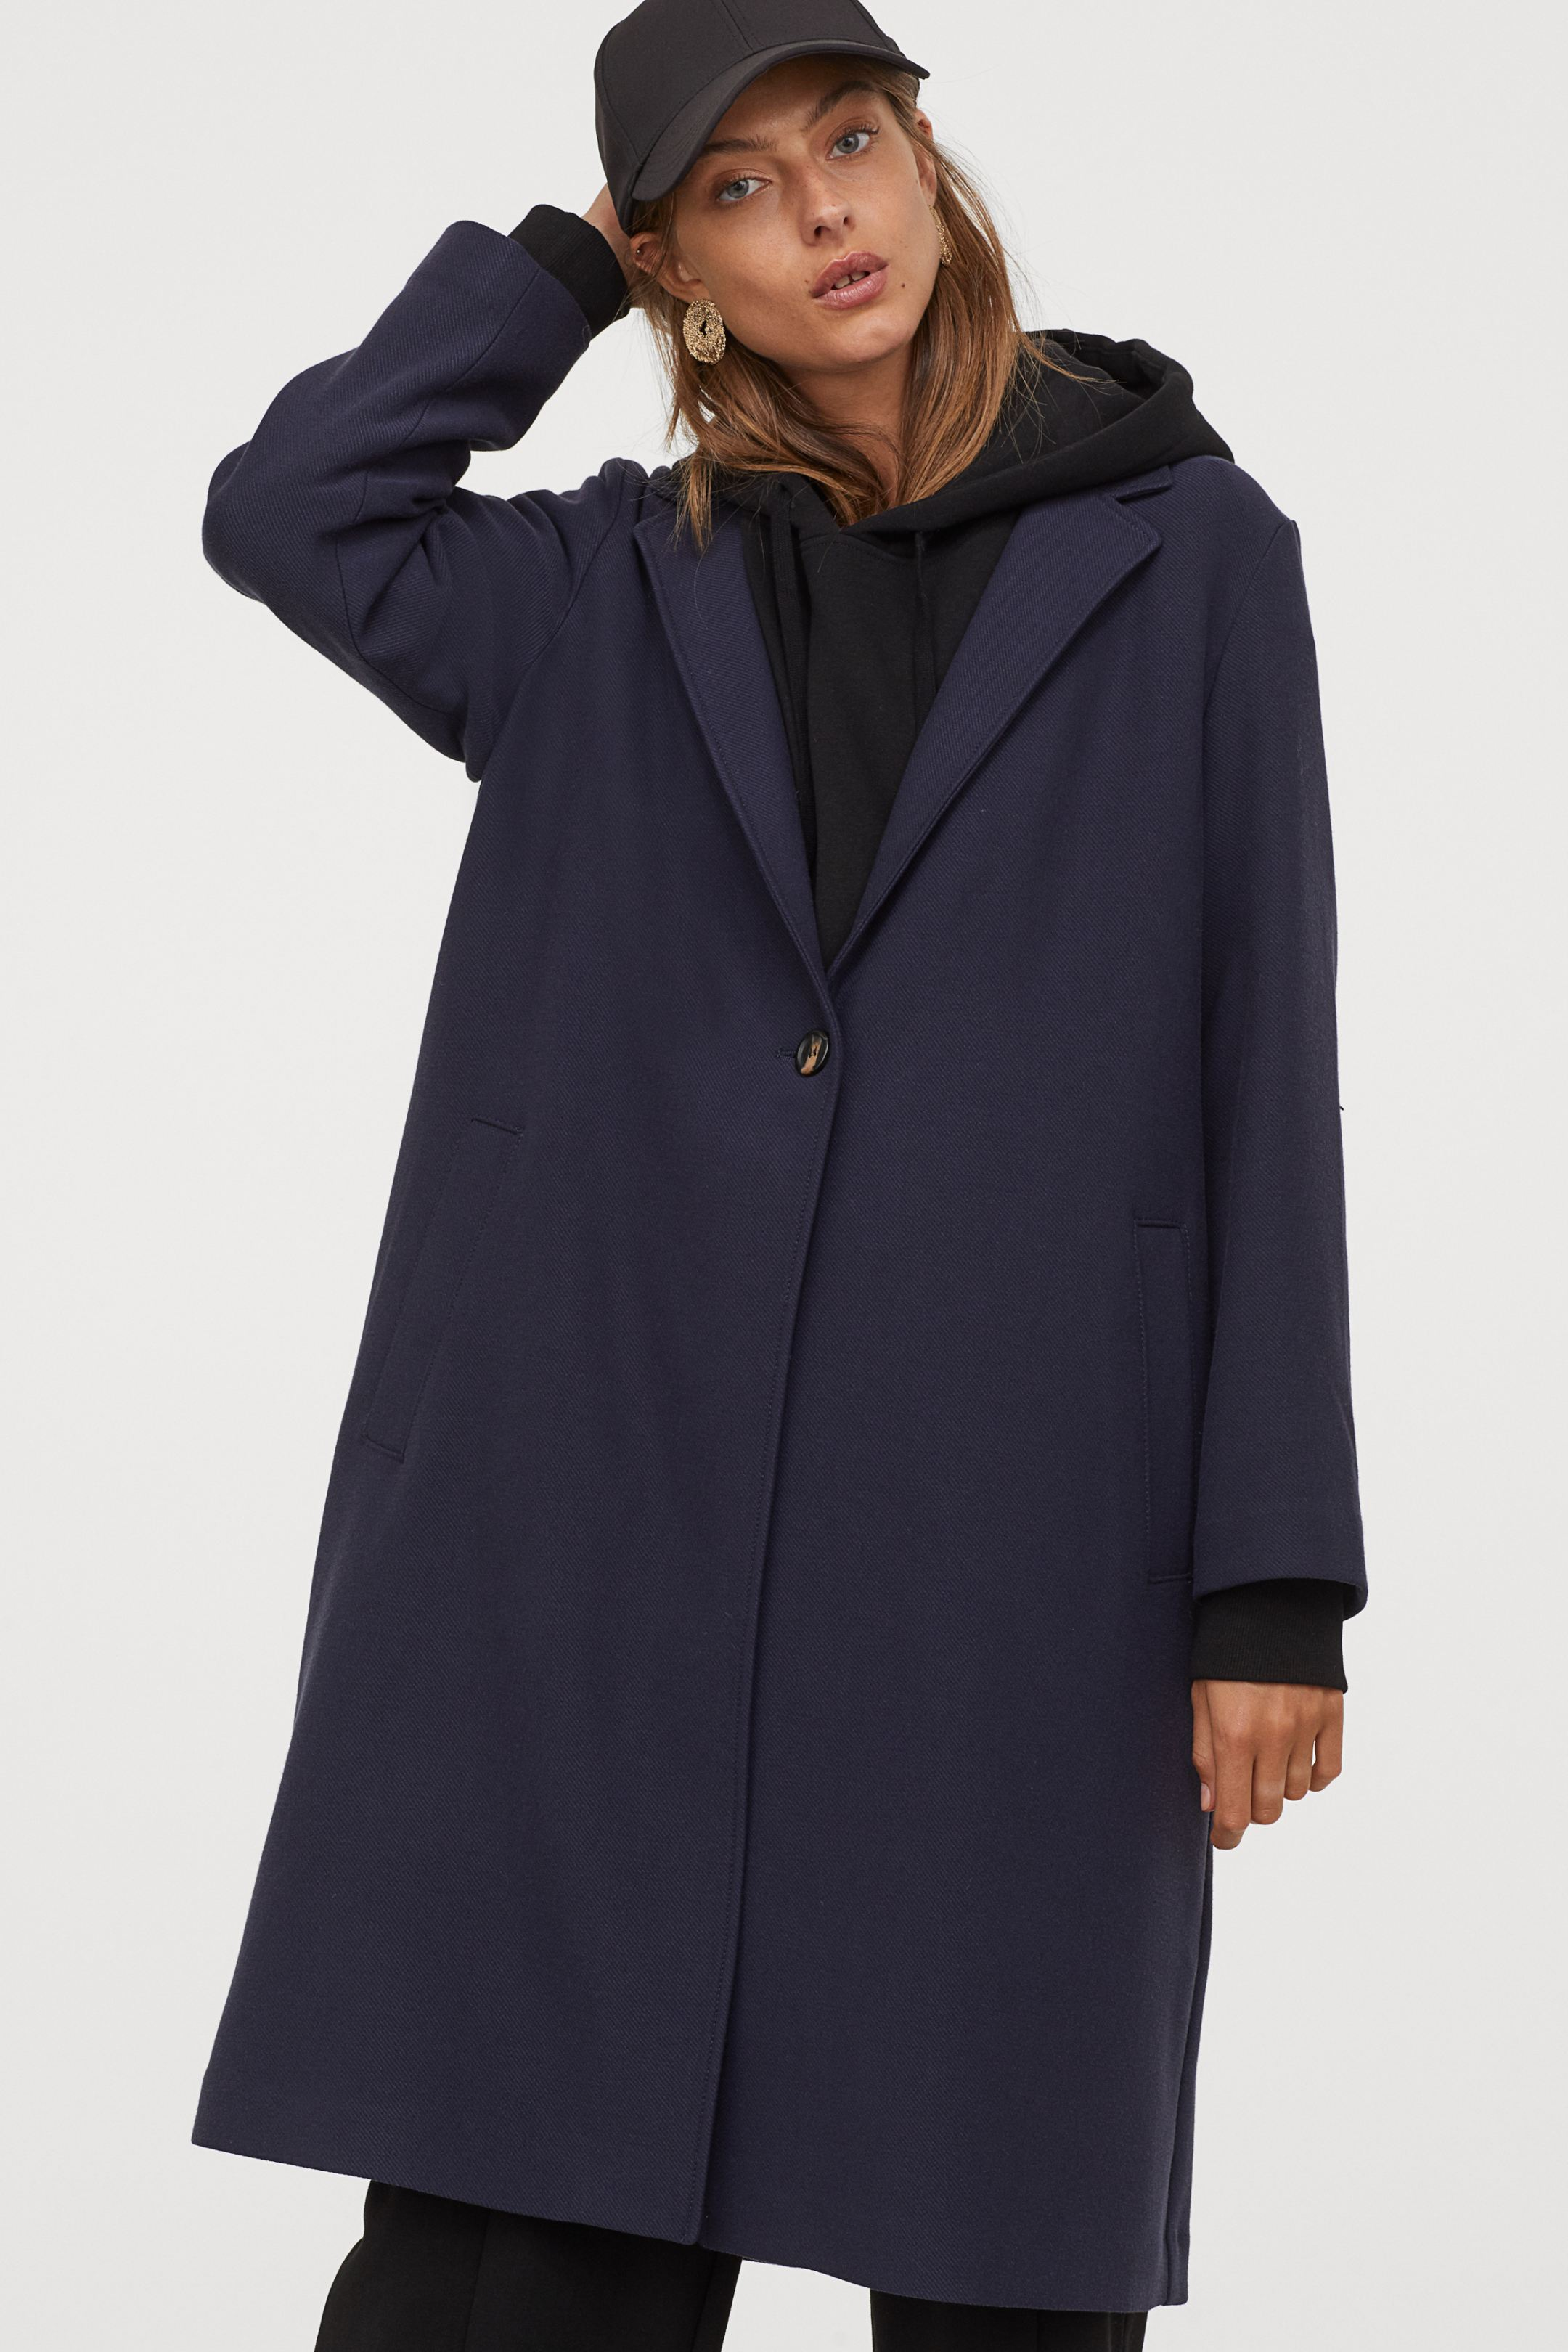 Abrigo XL con solapas en azul marino